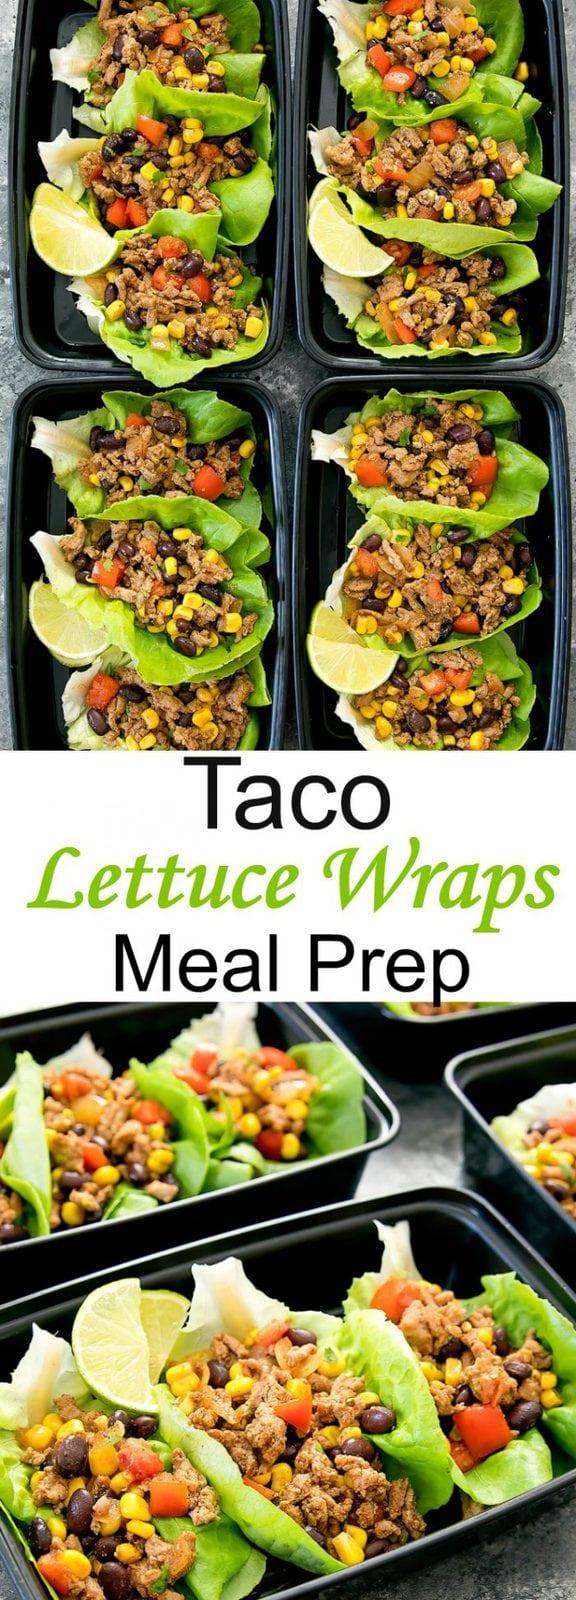 Taco Lettuce Wraps Meal Prep